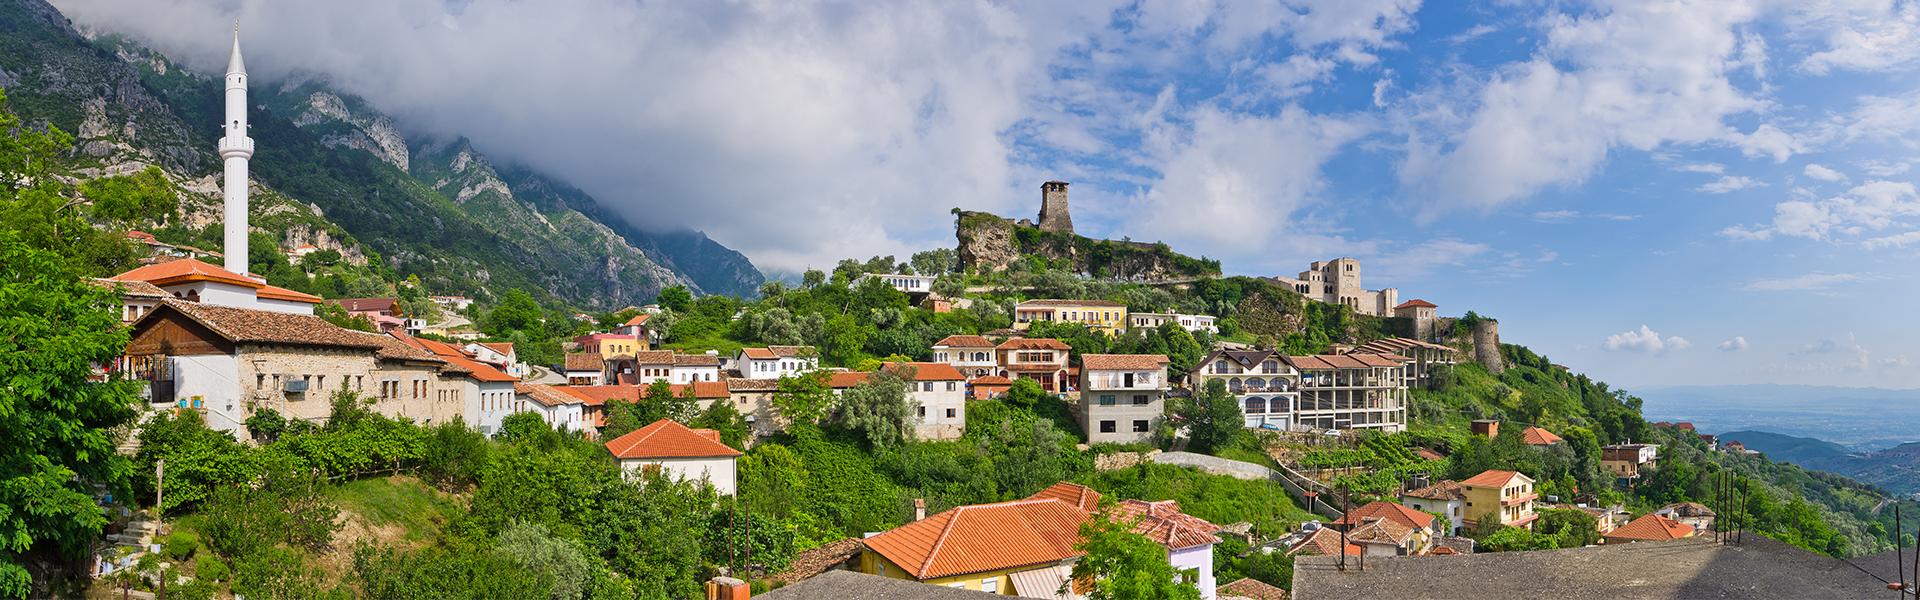 Kruja castello, tour dell'Albania, viaggio in Albania